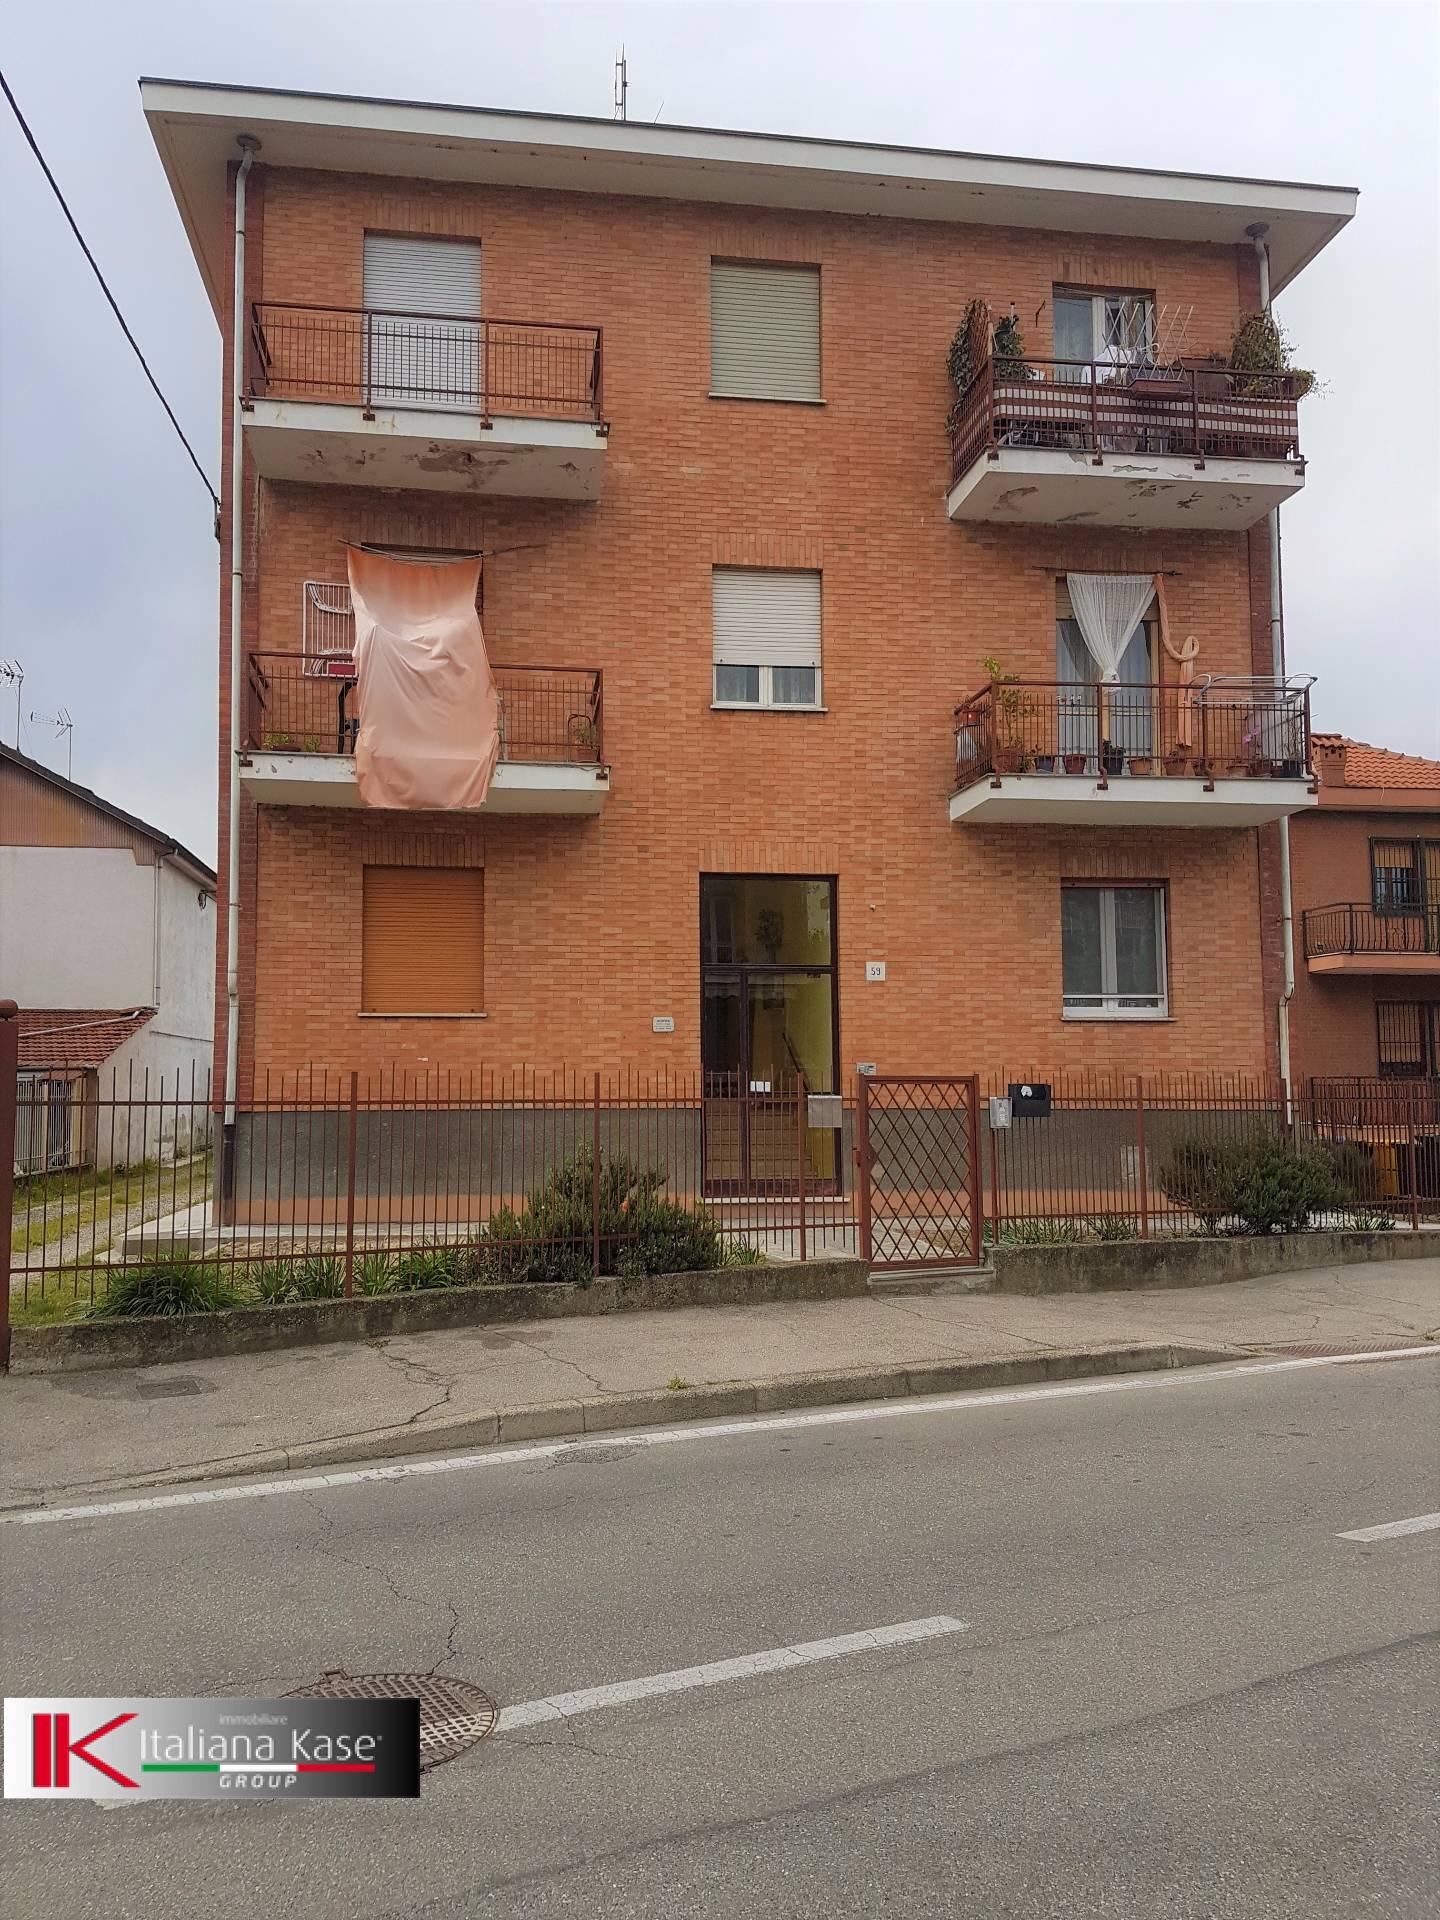 Appartamento in vendita a San Mauro Torinese, 2 locali, zona Località: OltrePo, prezzo € 89.000 | Cambio Casa.it